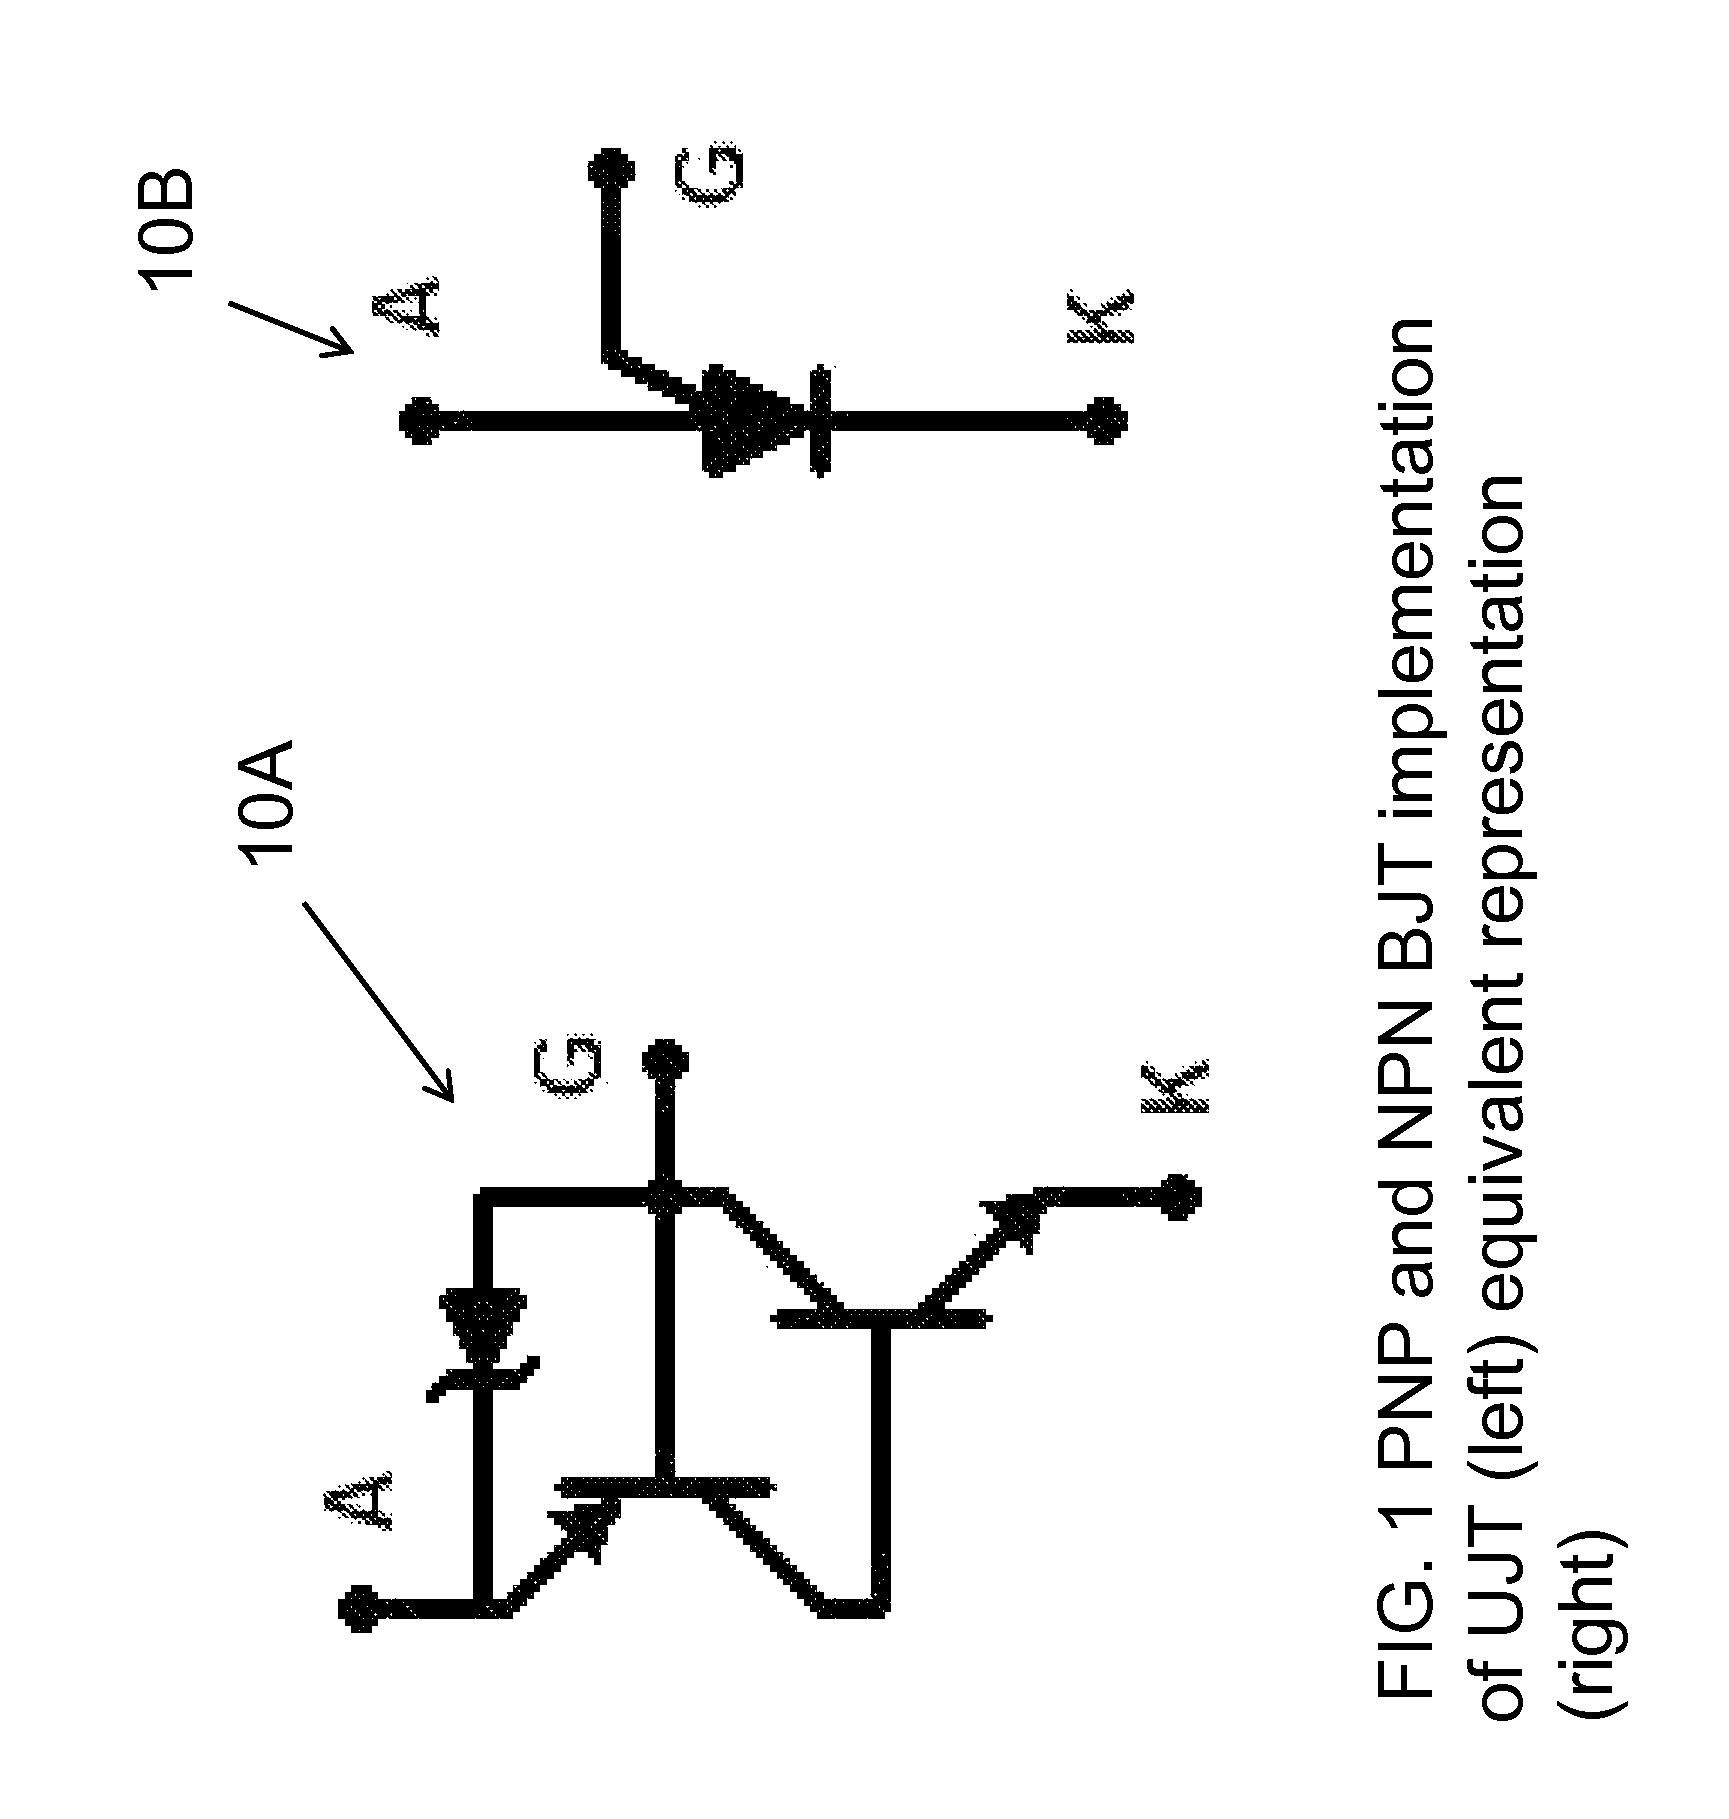 patent us8729739 - bi-directional circuit breaker